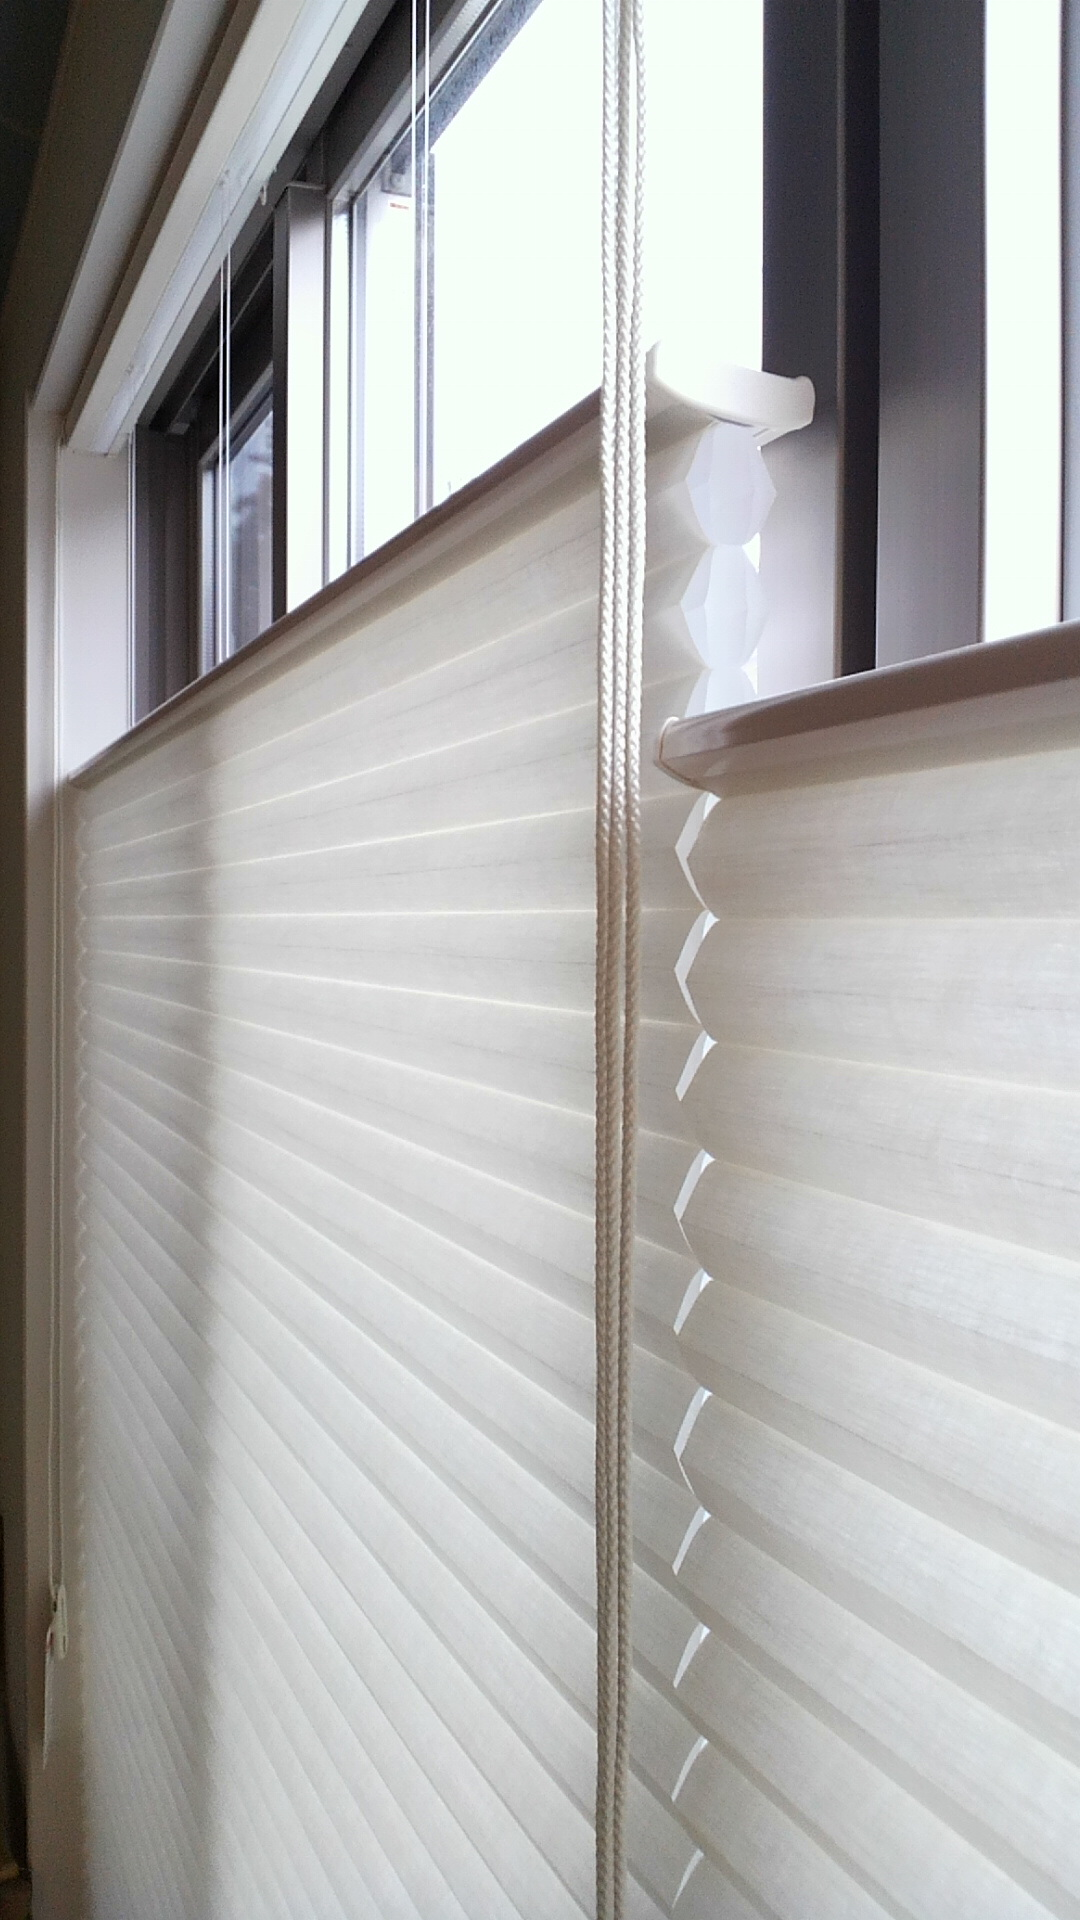 窓辺の断熱対策に効果絶大「デュエット・アーキテラ」_c0157866_2351423.jpg